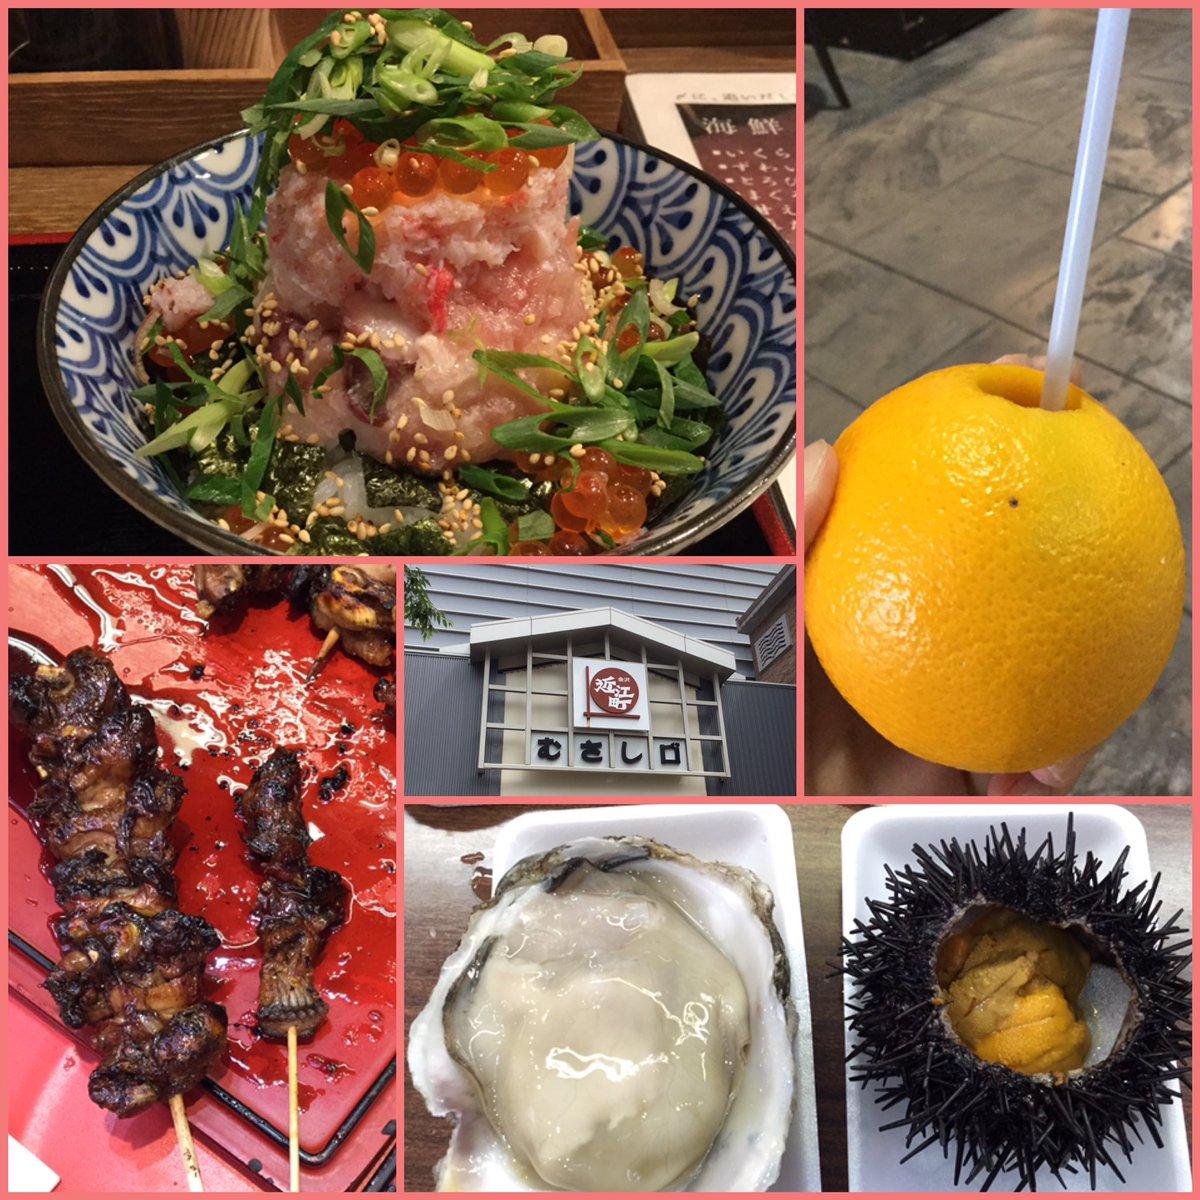 海鮮まるひ丼、石川産岩ガキ、ウニ、鰻の肝串、洲崎西の二人が飲んでたオレンジジュースと近江町市場美味しすぎっ!ごちそうさん